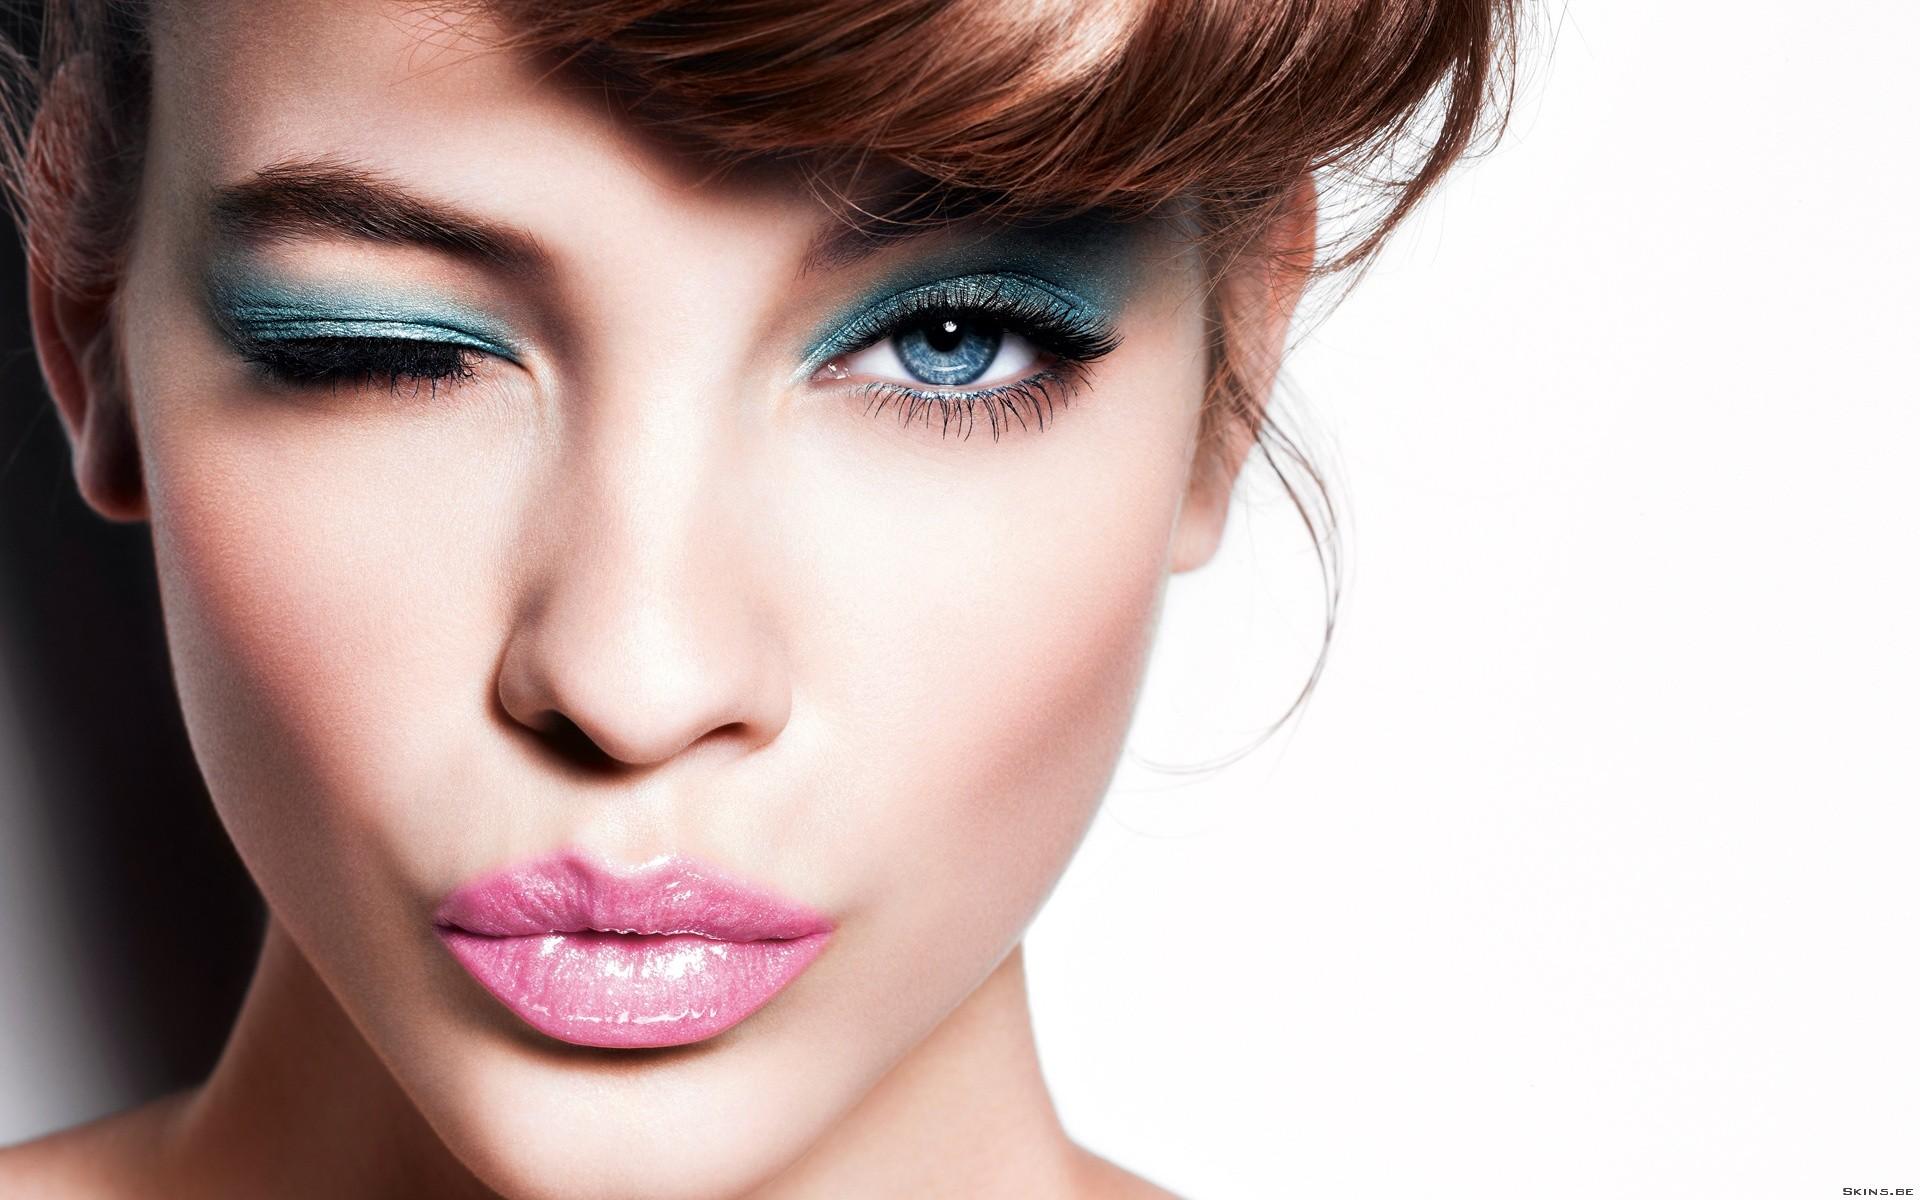 Maquillajes en los ojos - 1920x1200